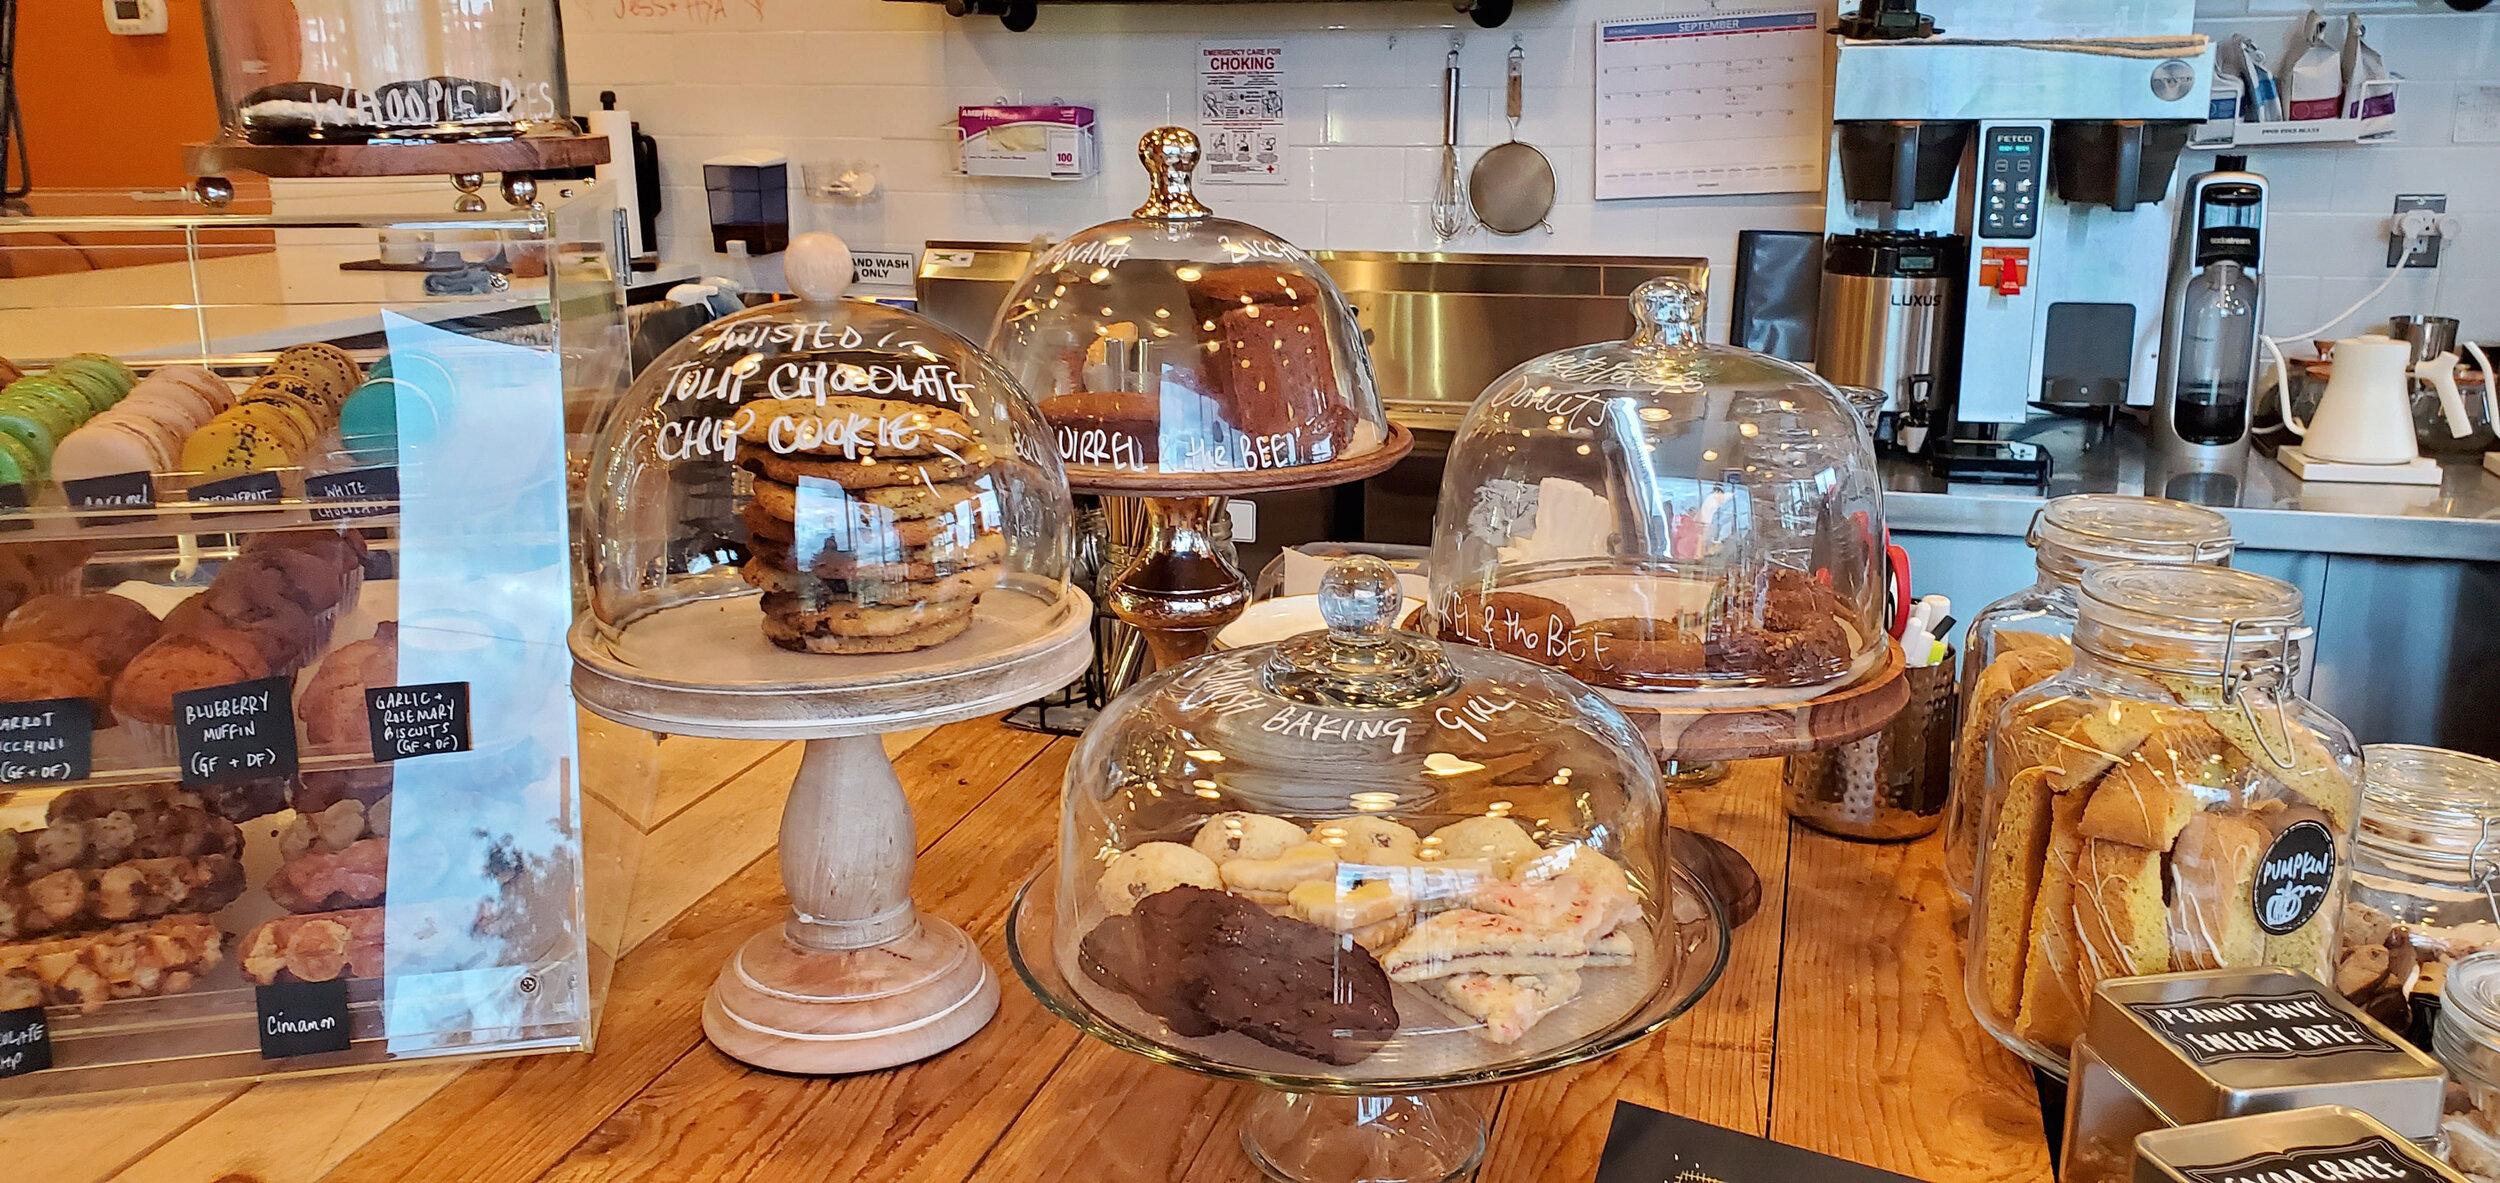 bakery edited.jpg